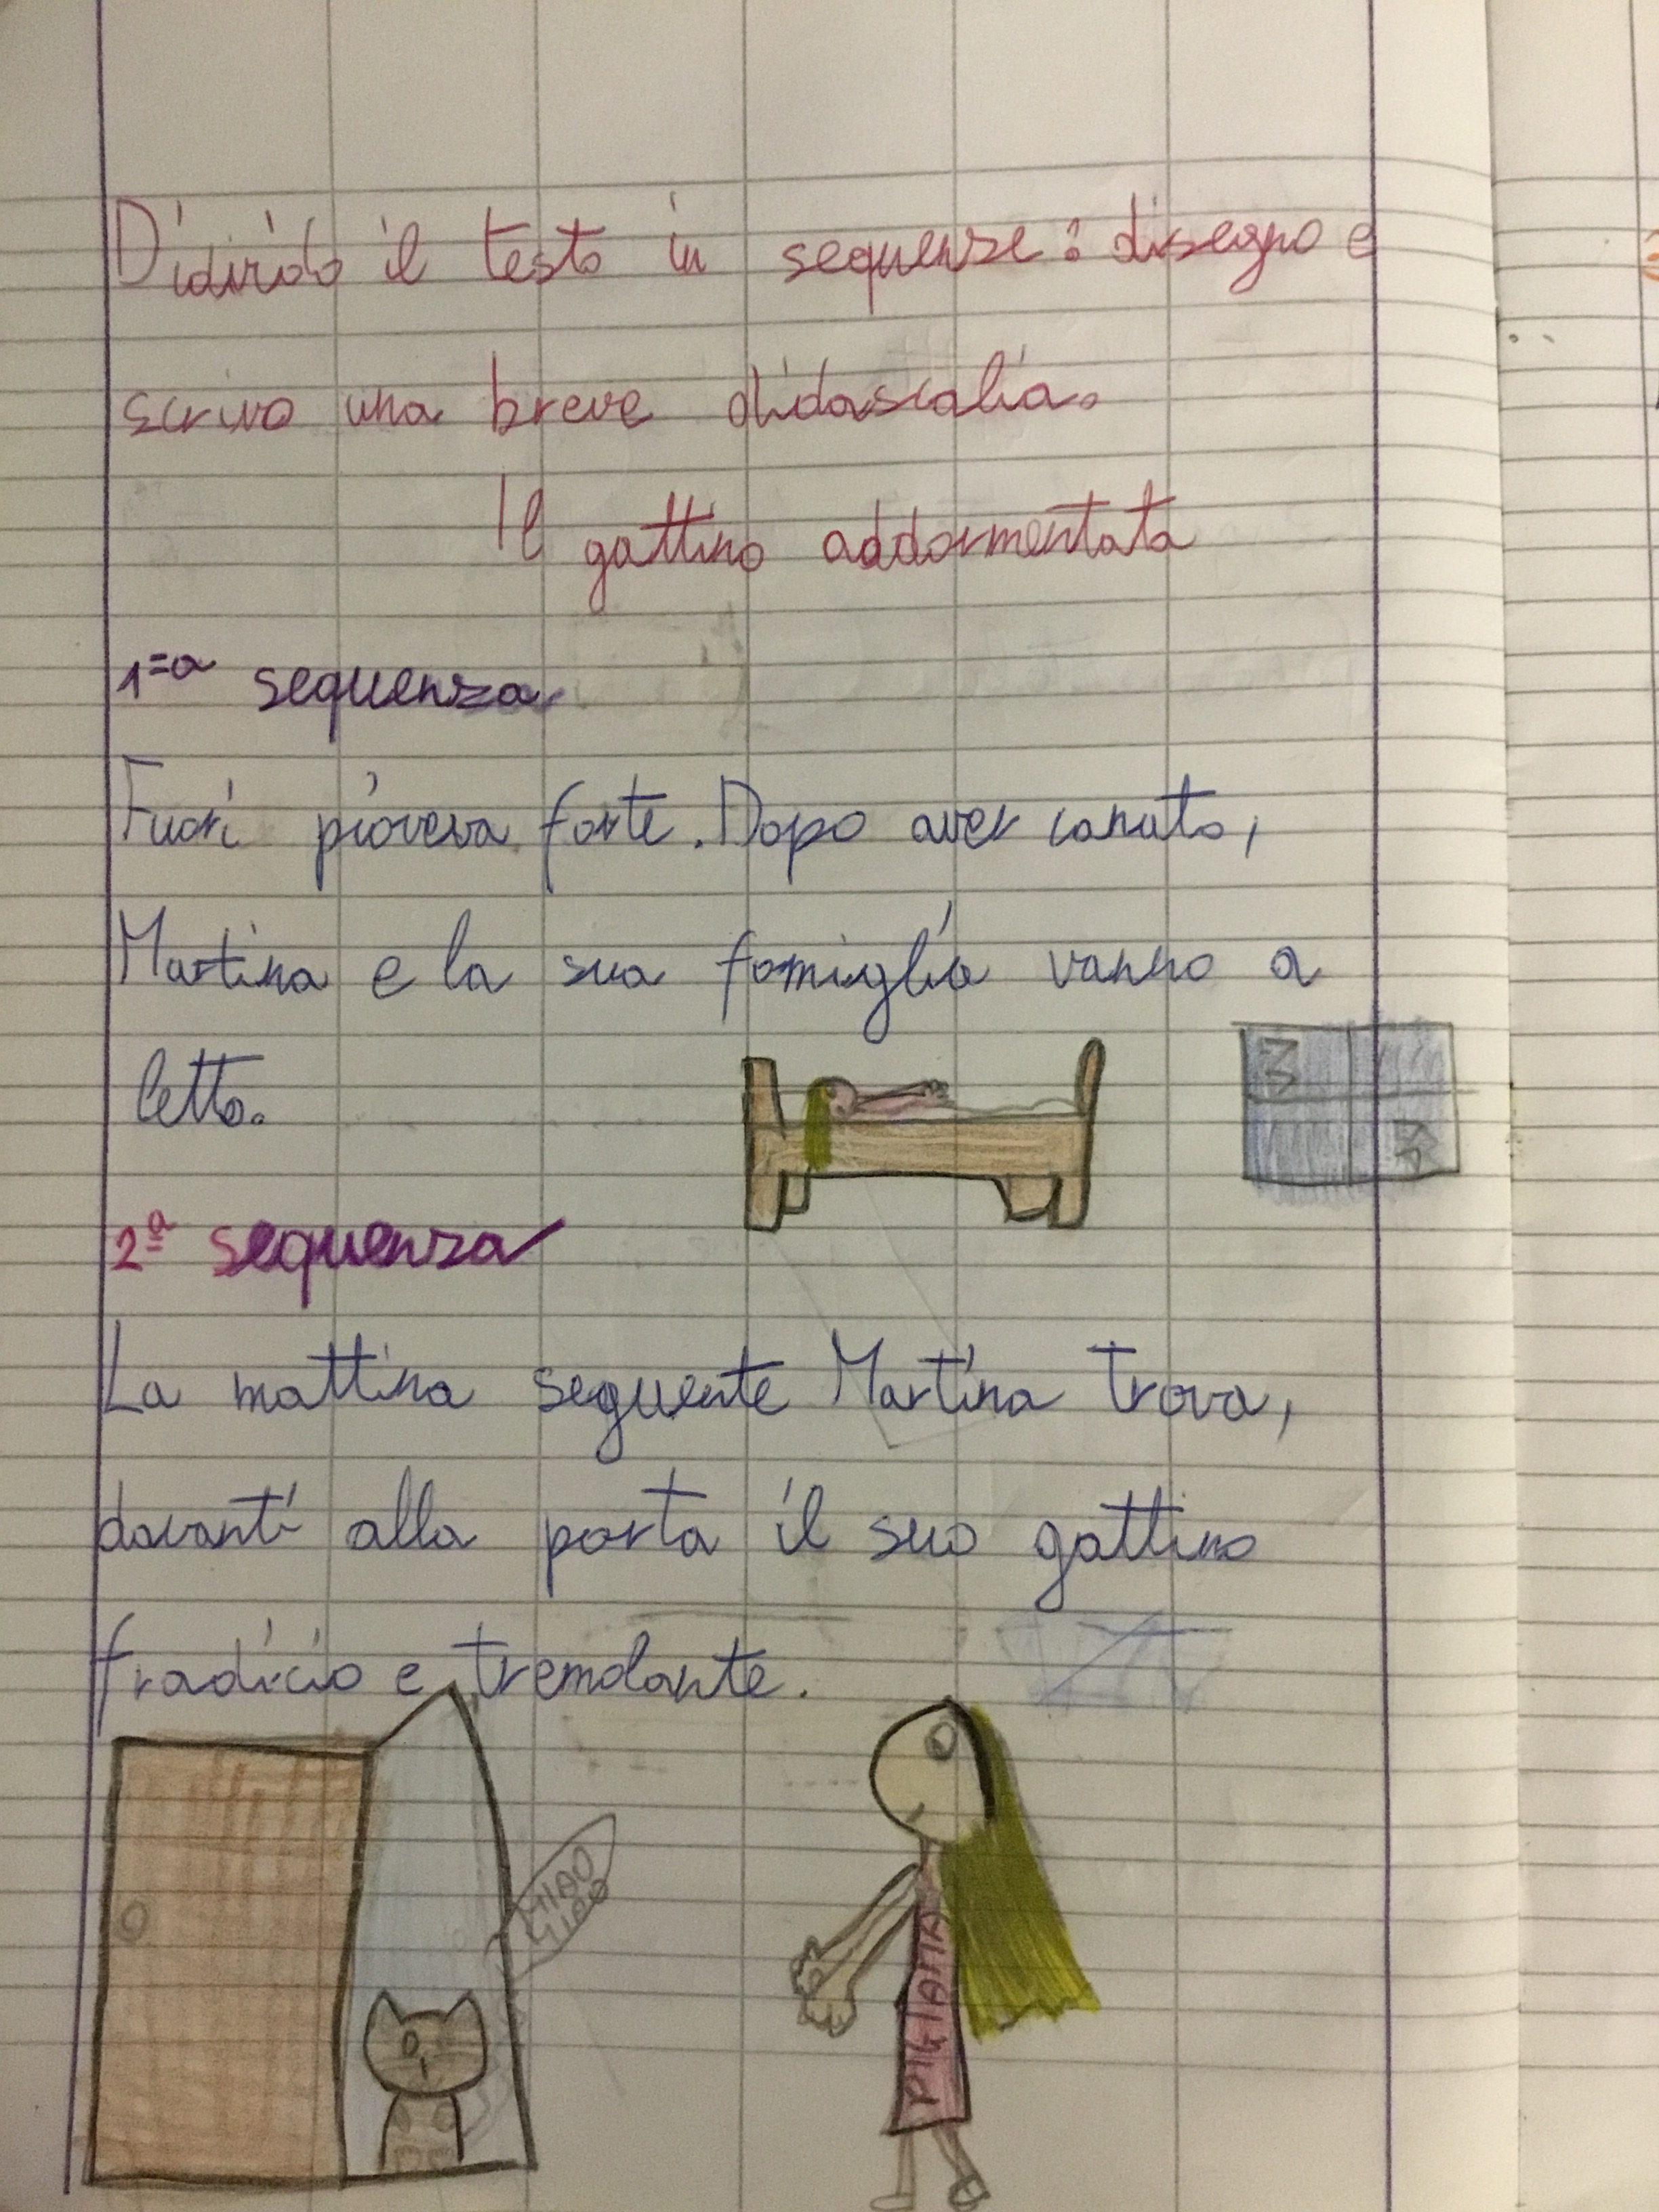 Classe Italiano Classe 3 Di Di Quaderno Italiano Quaderno Di Quaderno 3 w7z7TCq